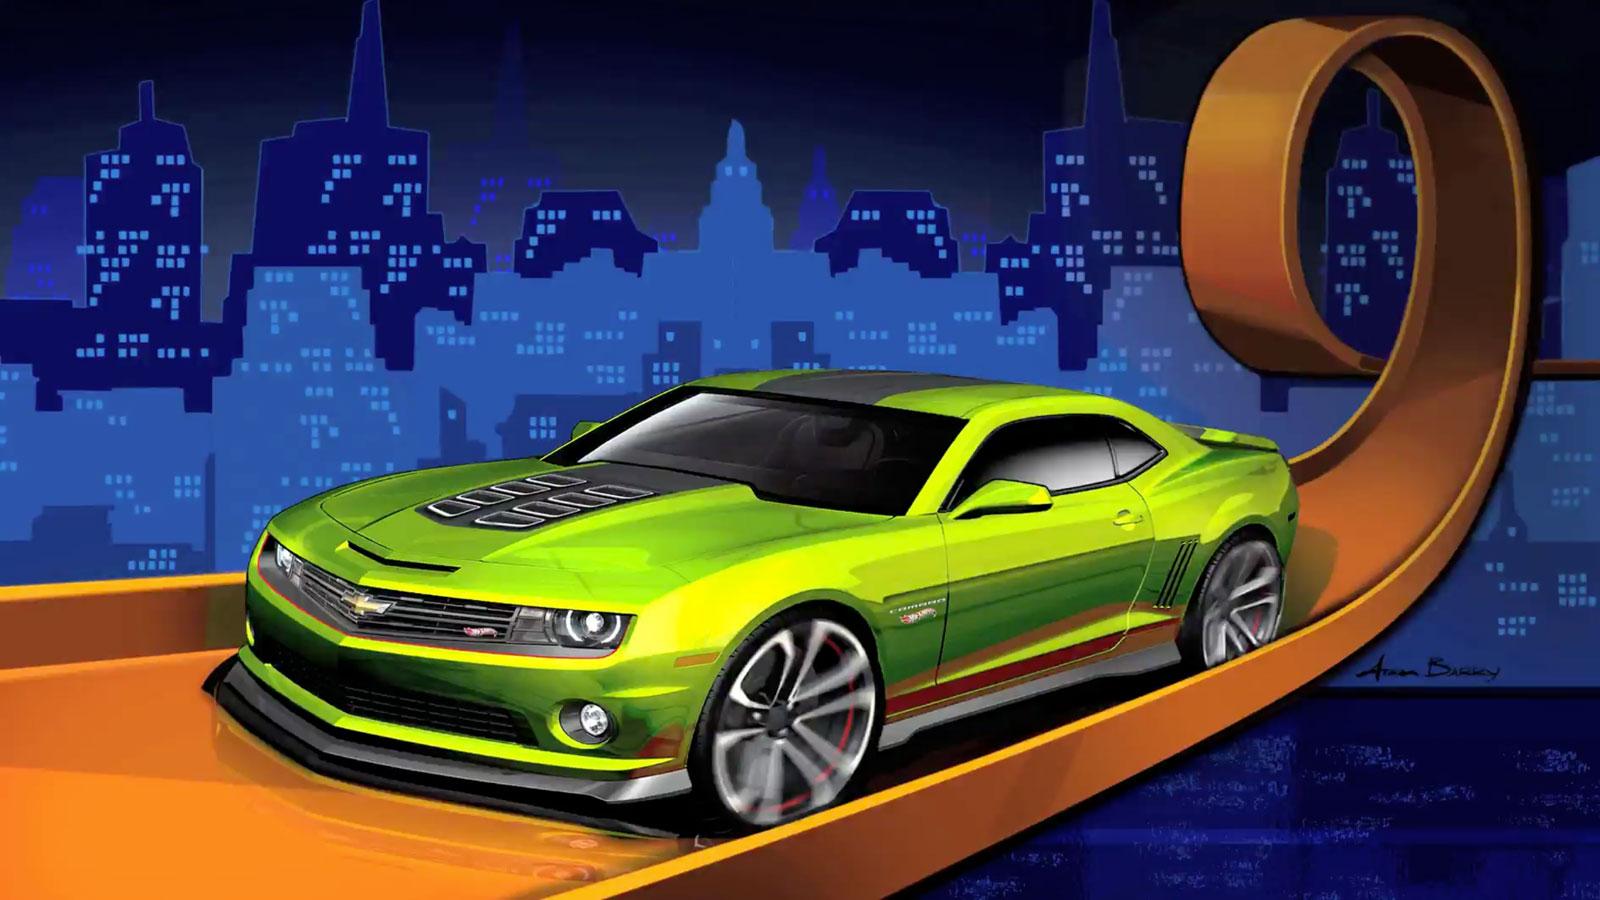 Chevrolet-Camaro-Hot-Wheels-Concept-Sketch-02